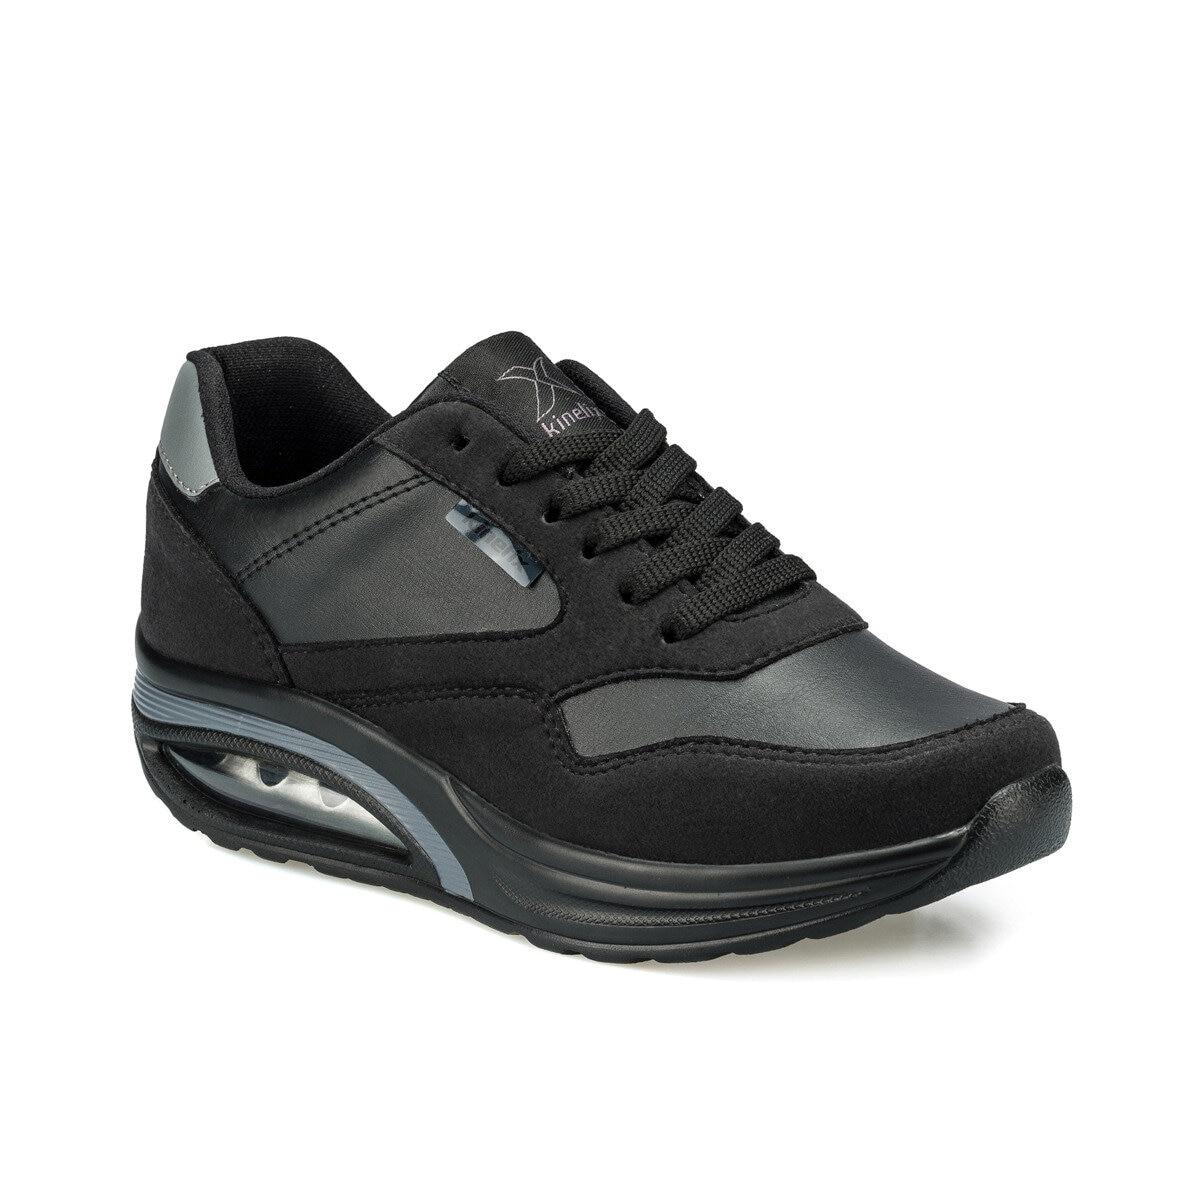 FLO ANETA PU 9PR Black Women 'S Sneaker Shoes KINETIX